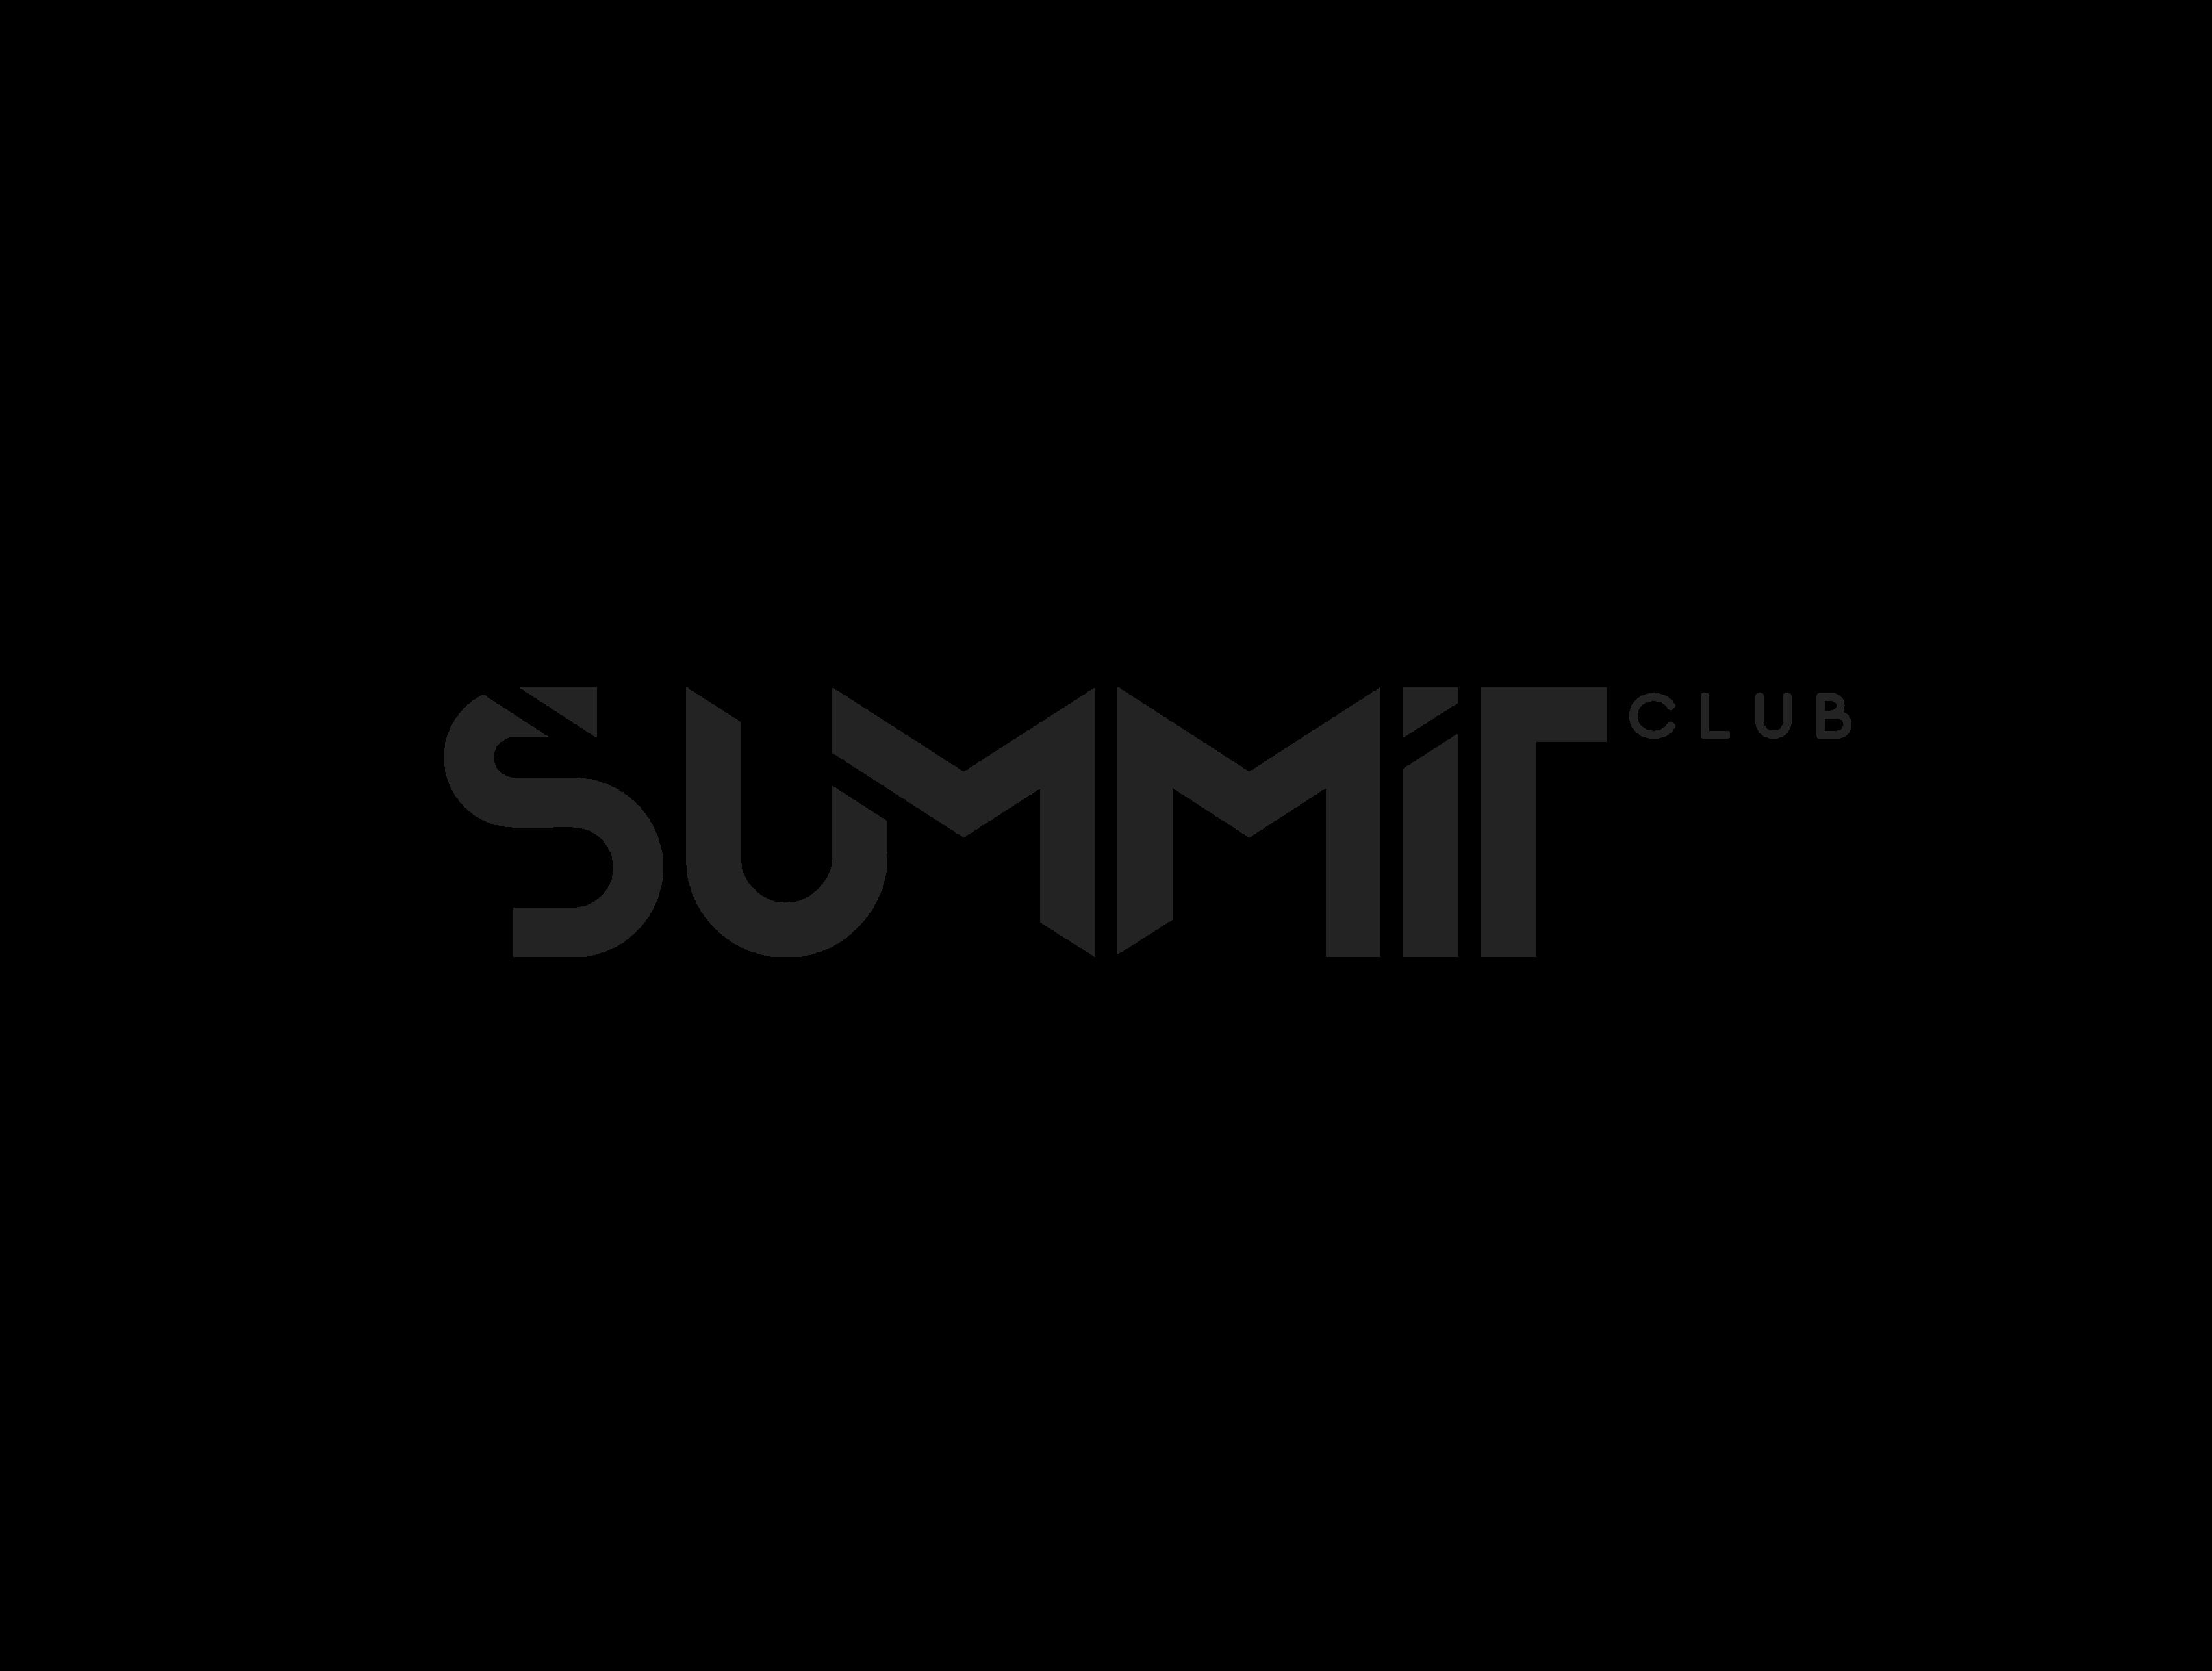 logo summit club